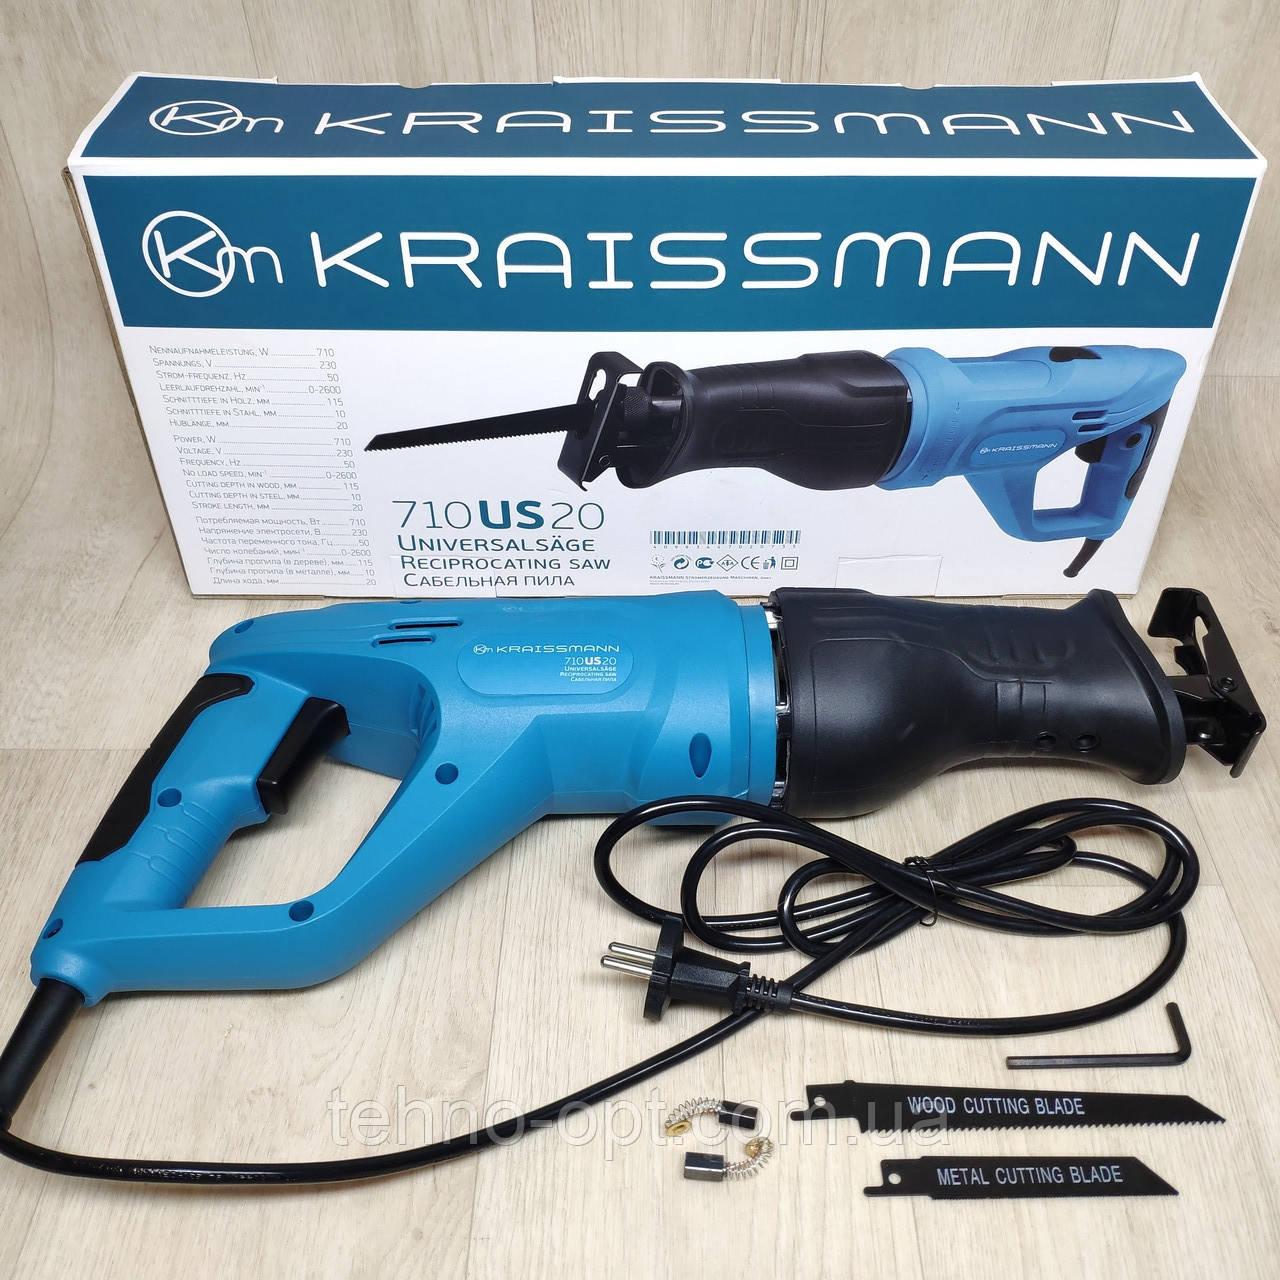 Электрическая сабельная пила KRAISSMANN 710US20 c поворотной ручкой